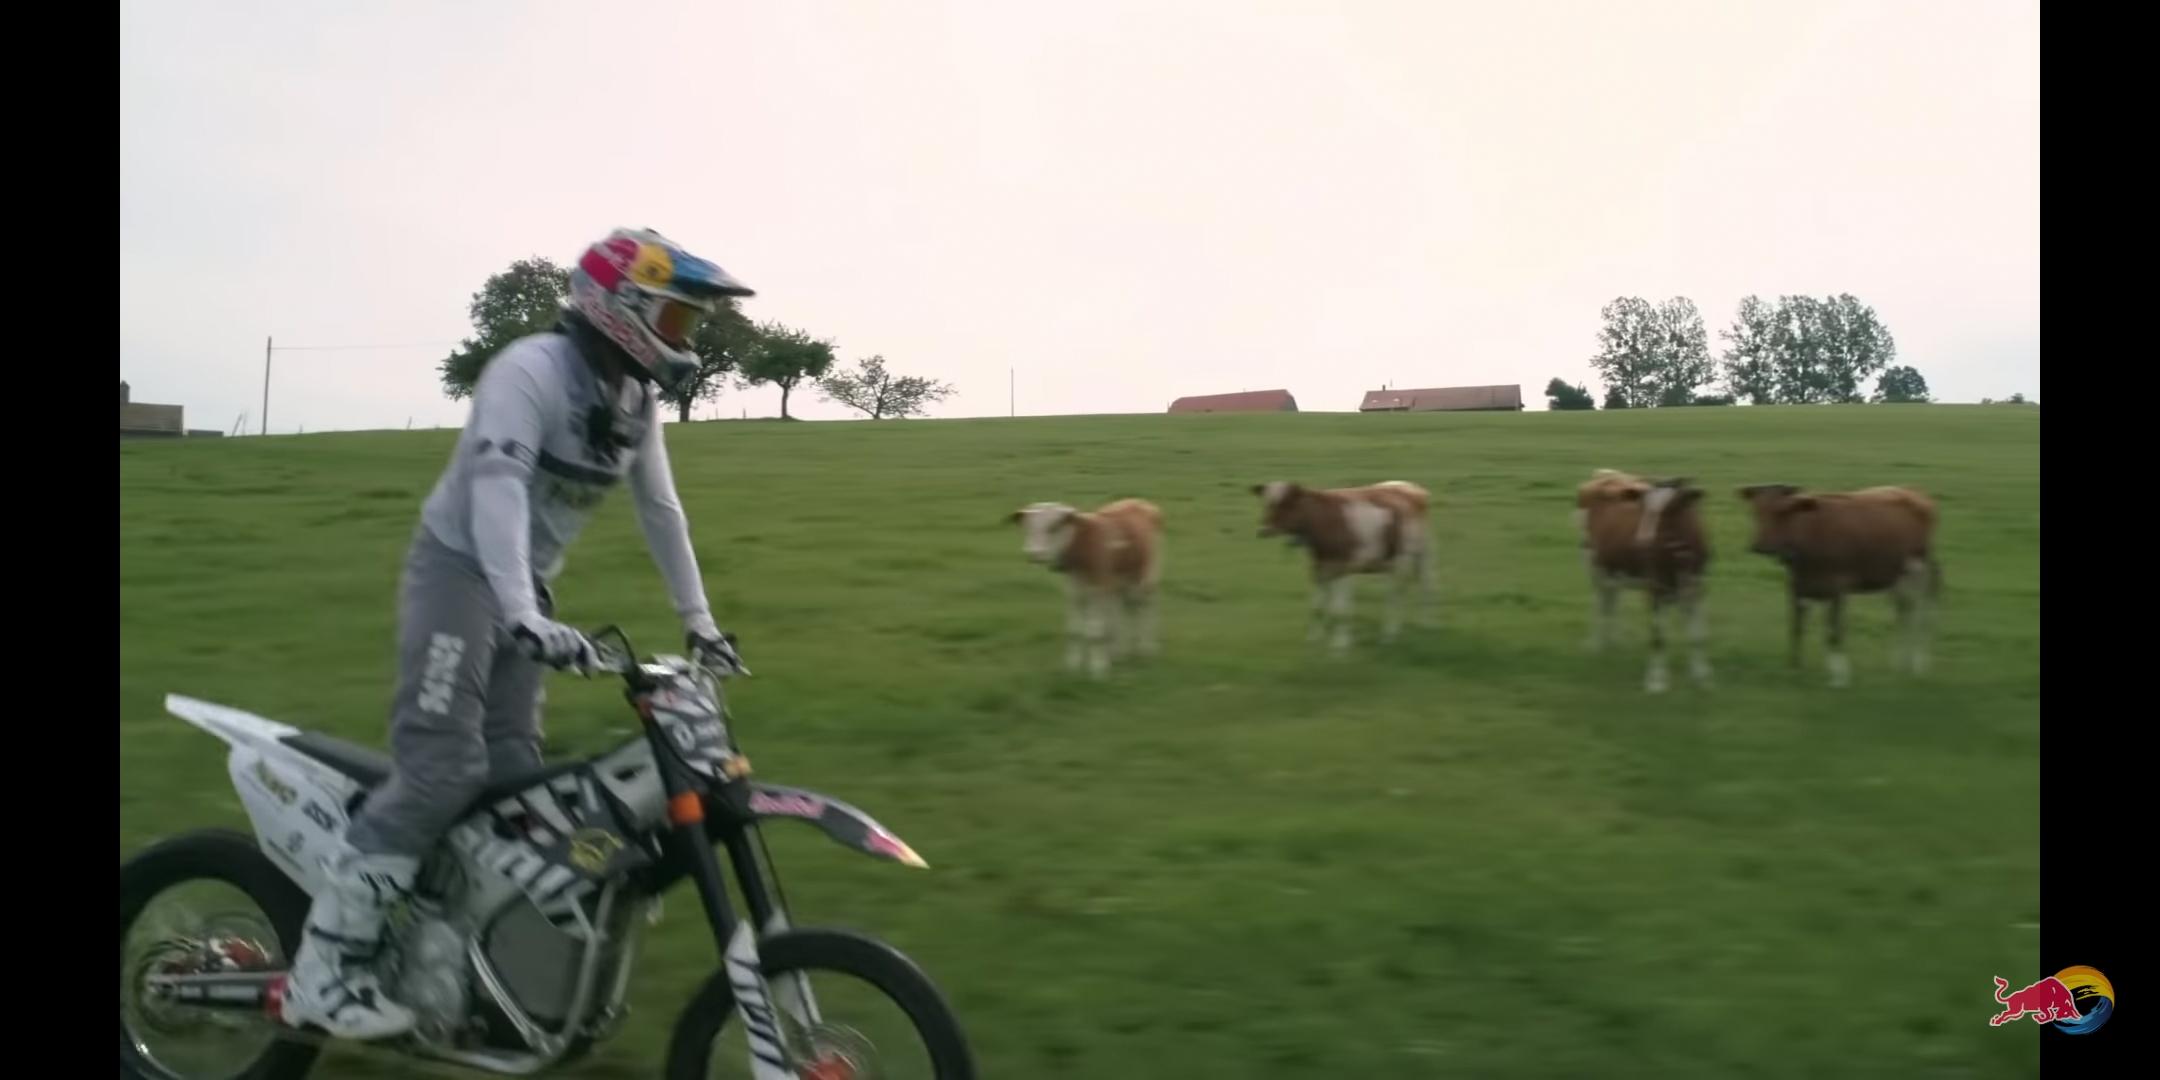 KTM電動フリースタイルモトクロスが素敵!牧場がコースになります!